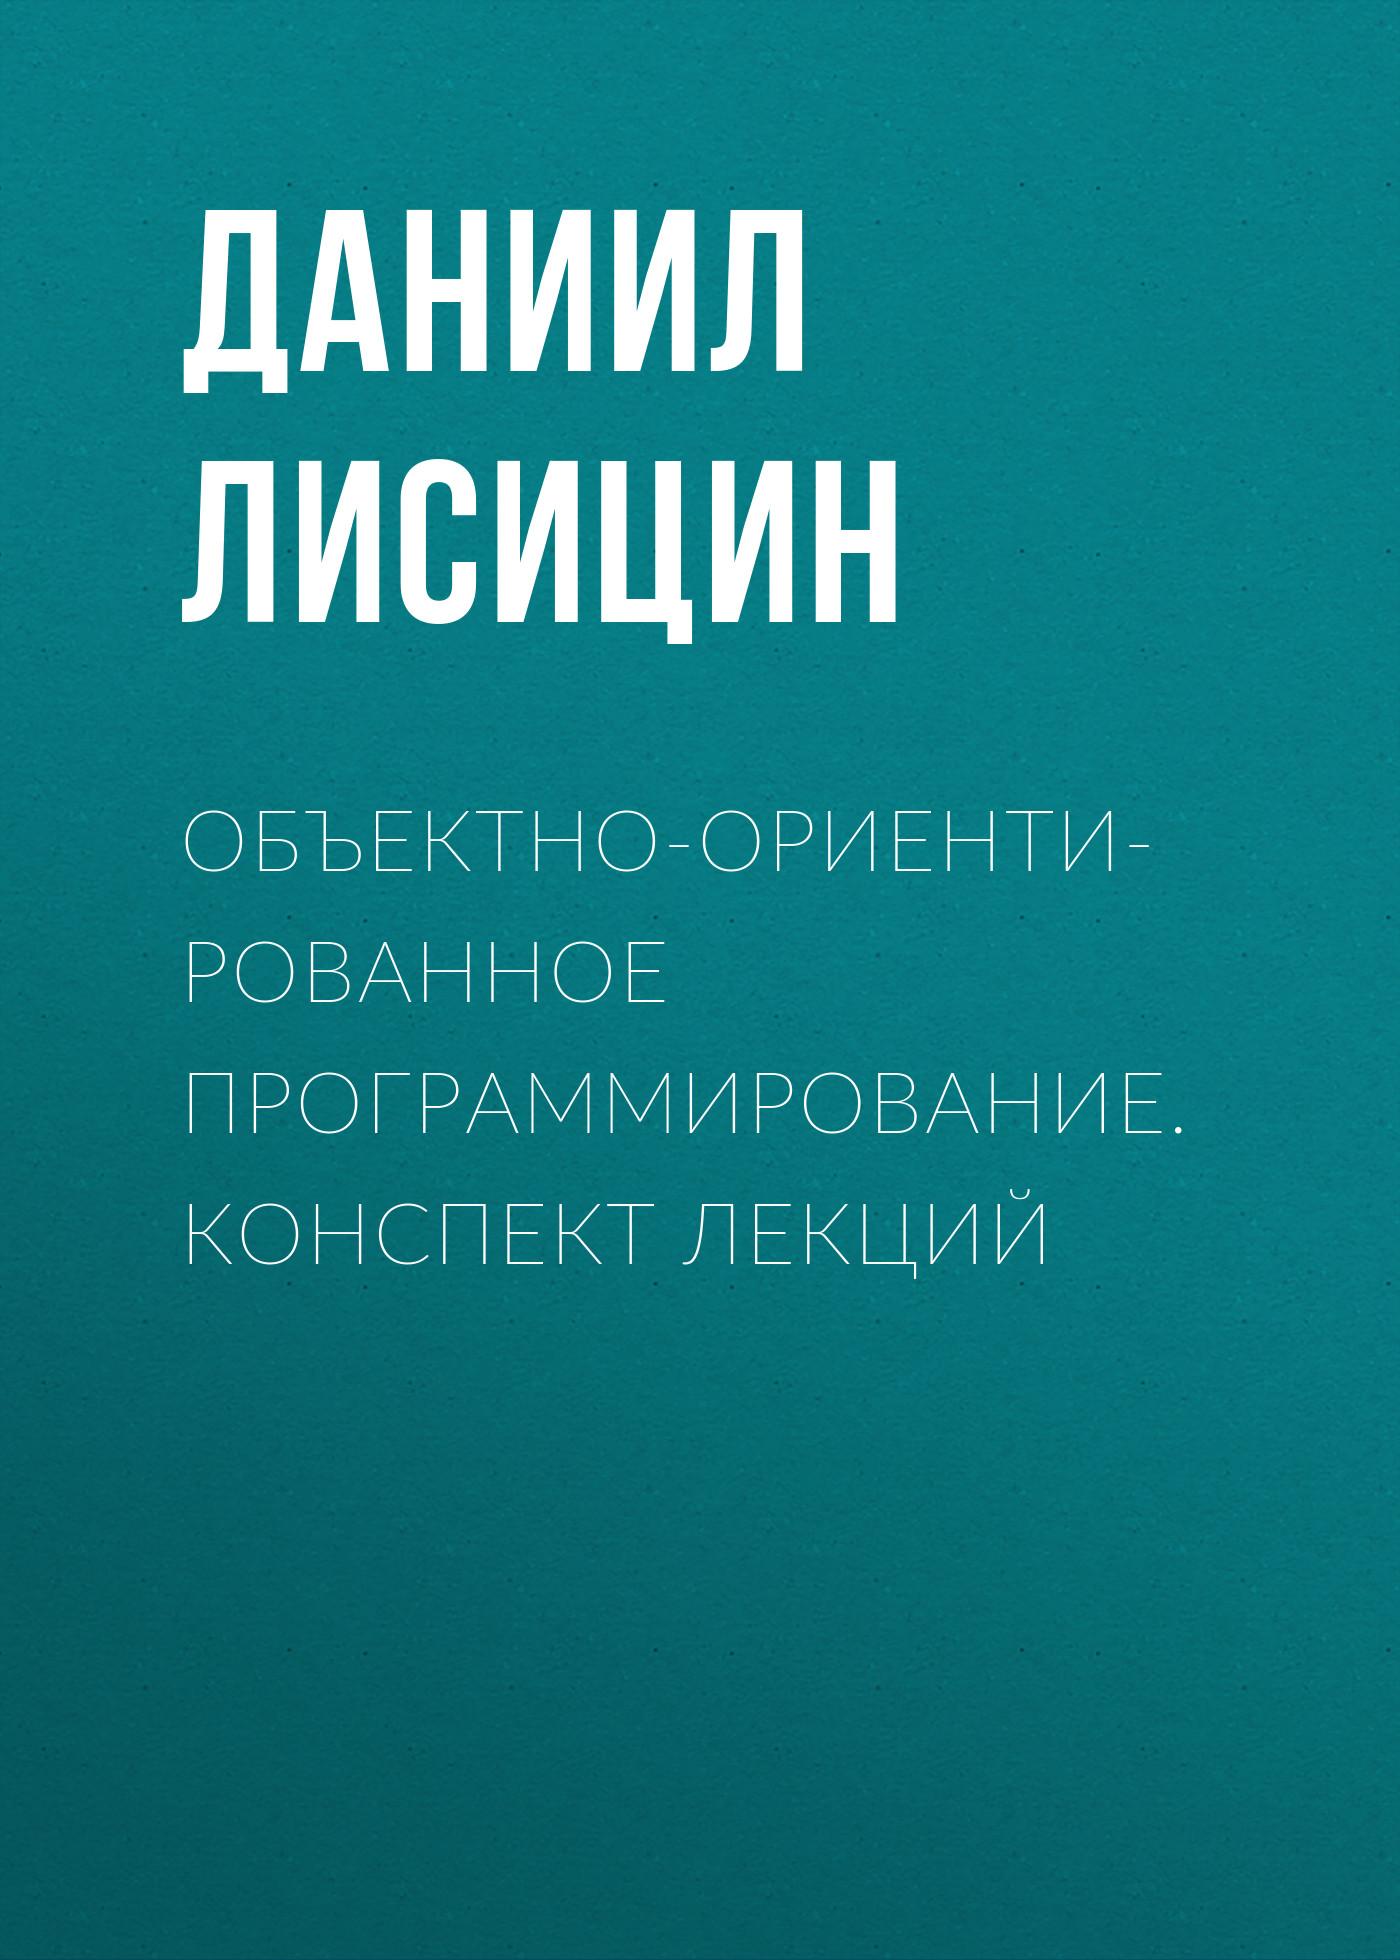 Даниил Лисицин Объектно-ориентированное программирование. Конспект лекций даниил лисицин объектно ориентированное программирование конспект лекций